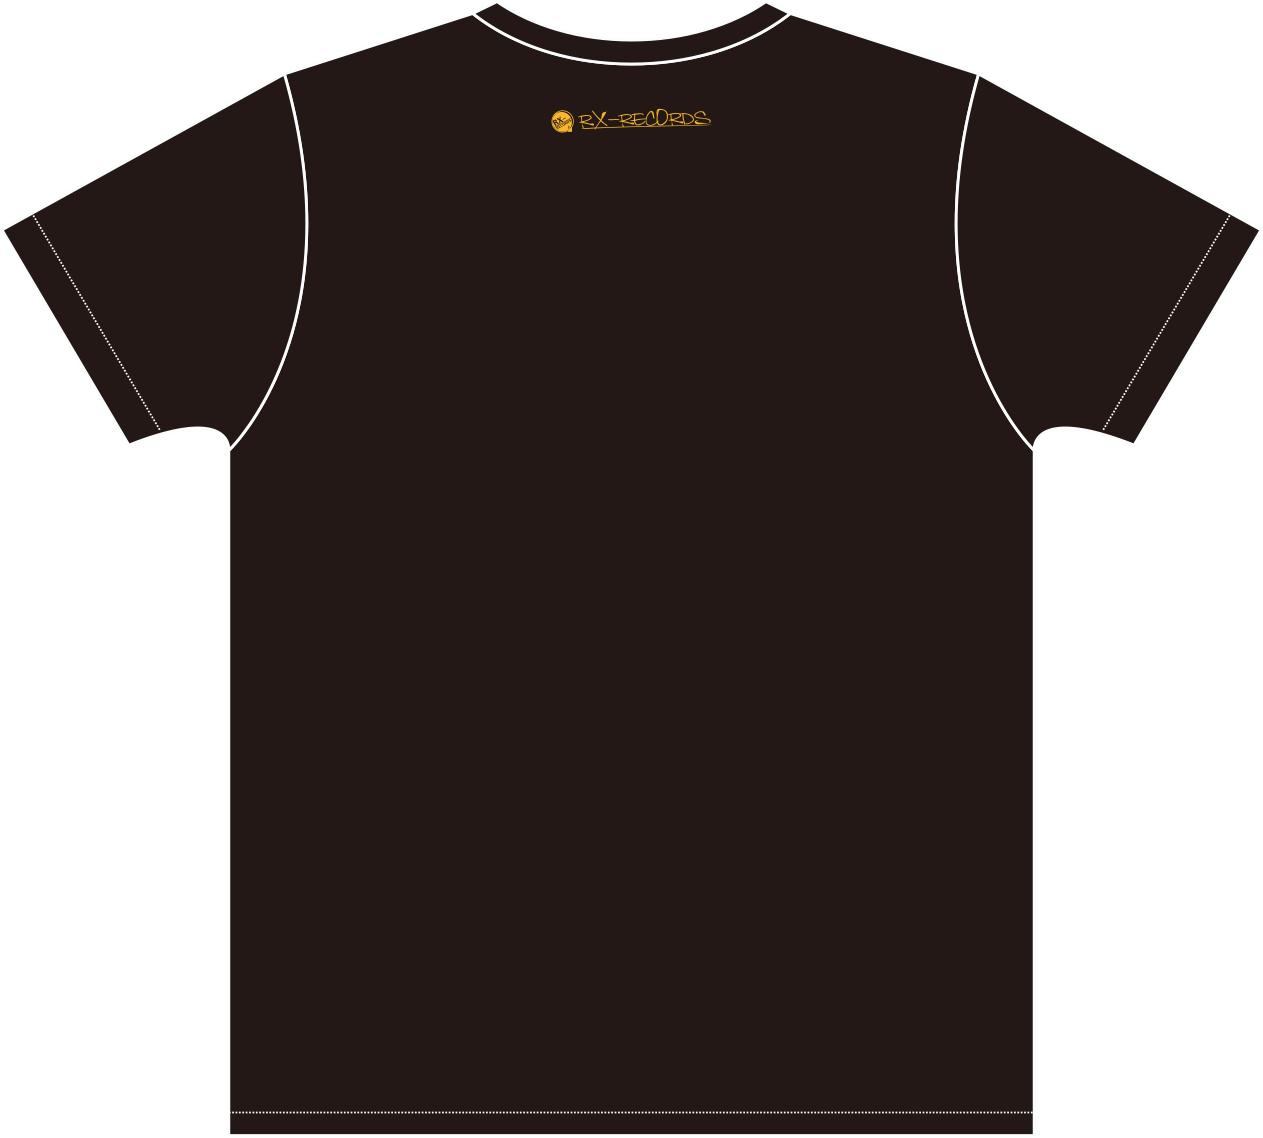 【受注生産】[Alexandros]×閃光のハサウェイ ロゴTシャツ